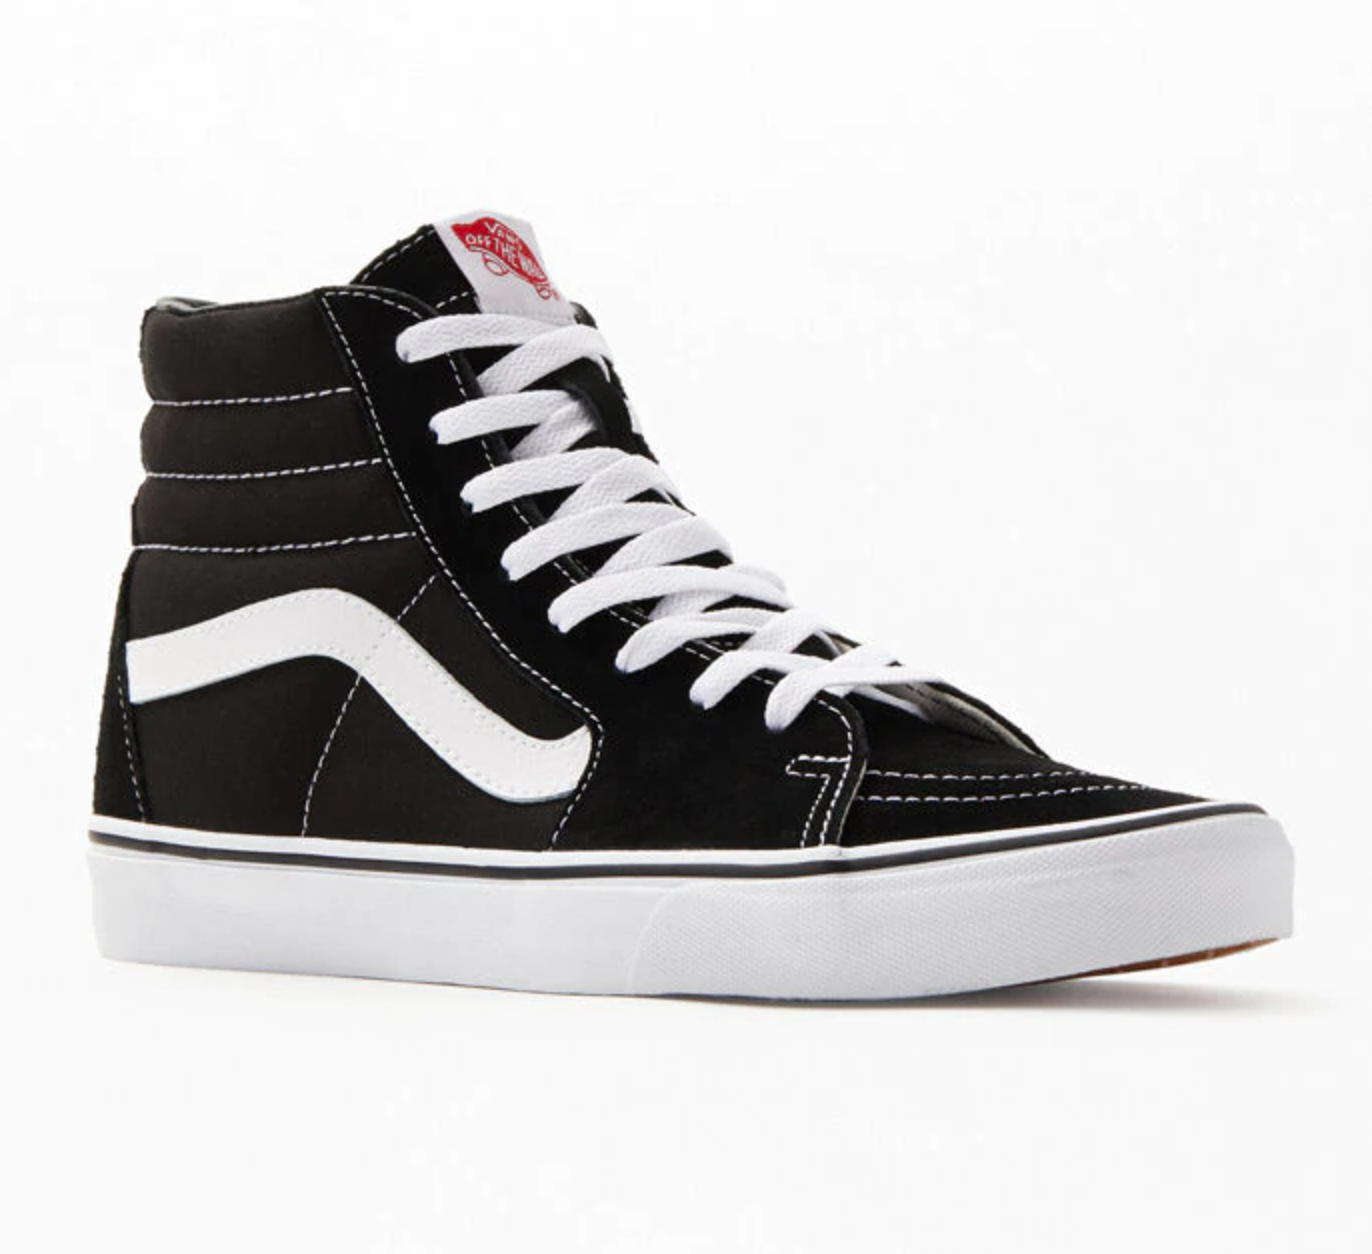 Vans SK8-Hi black sneakers